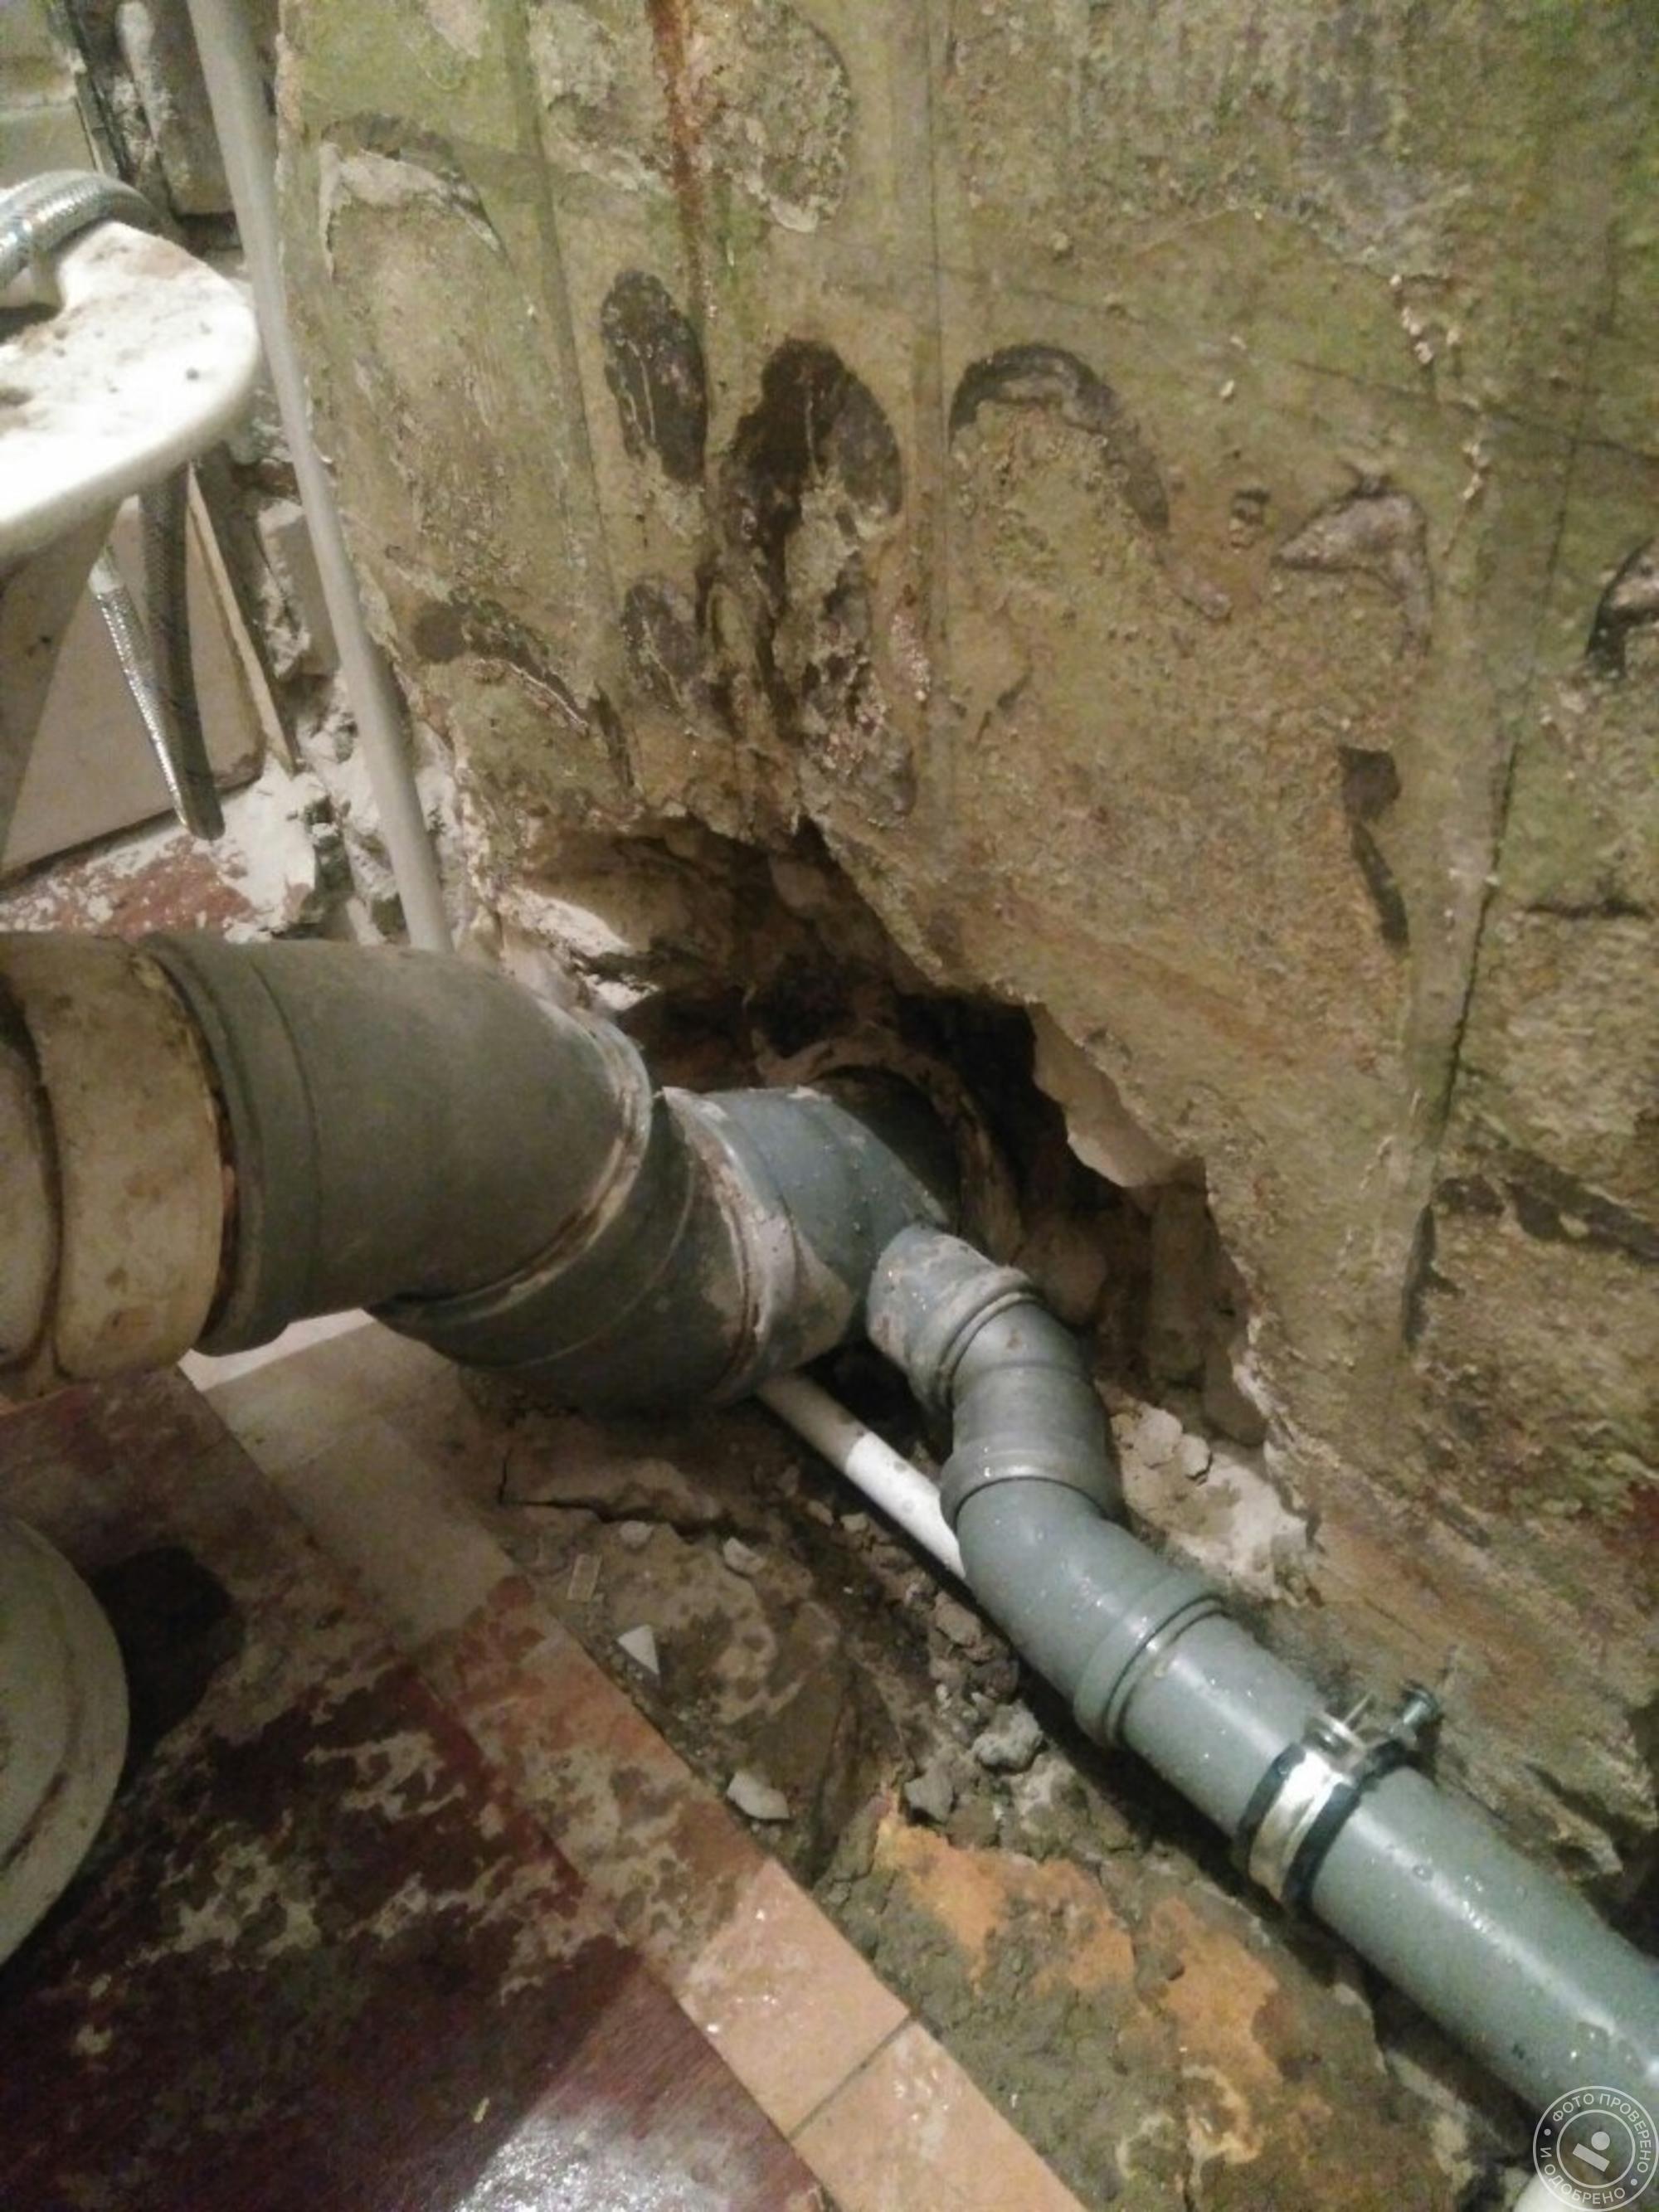 Замена чугунных канализационных труб на пластиковые - только ремонт своими руками в квартире: фото, видео, инструкции